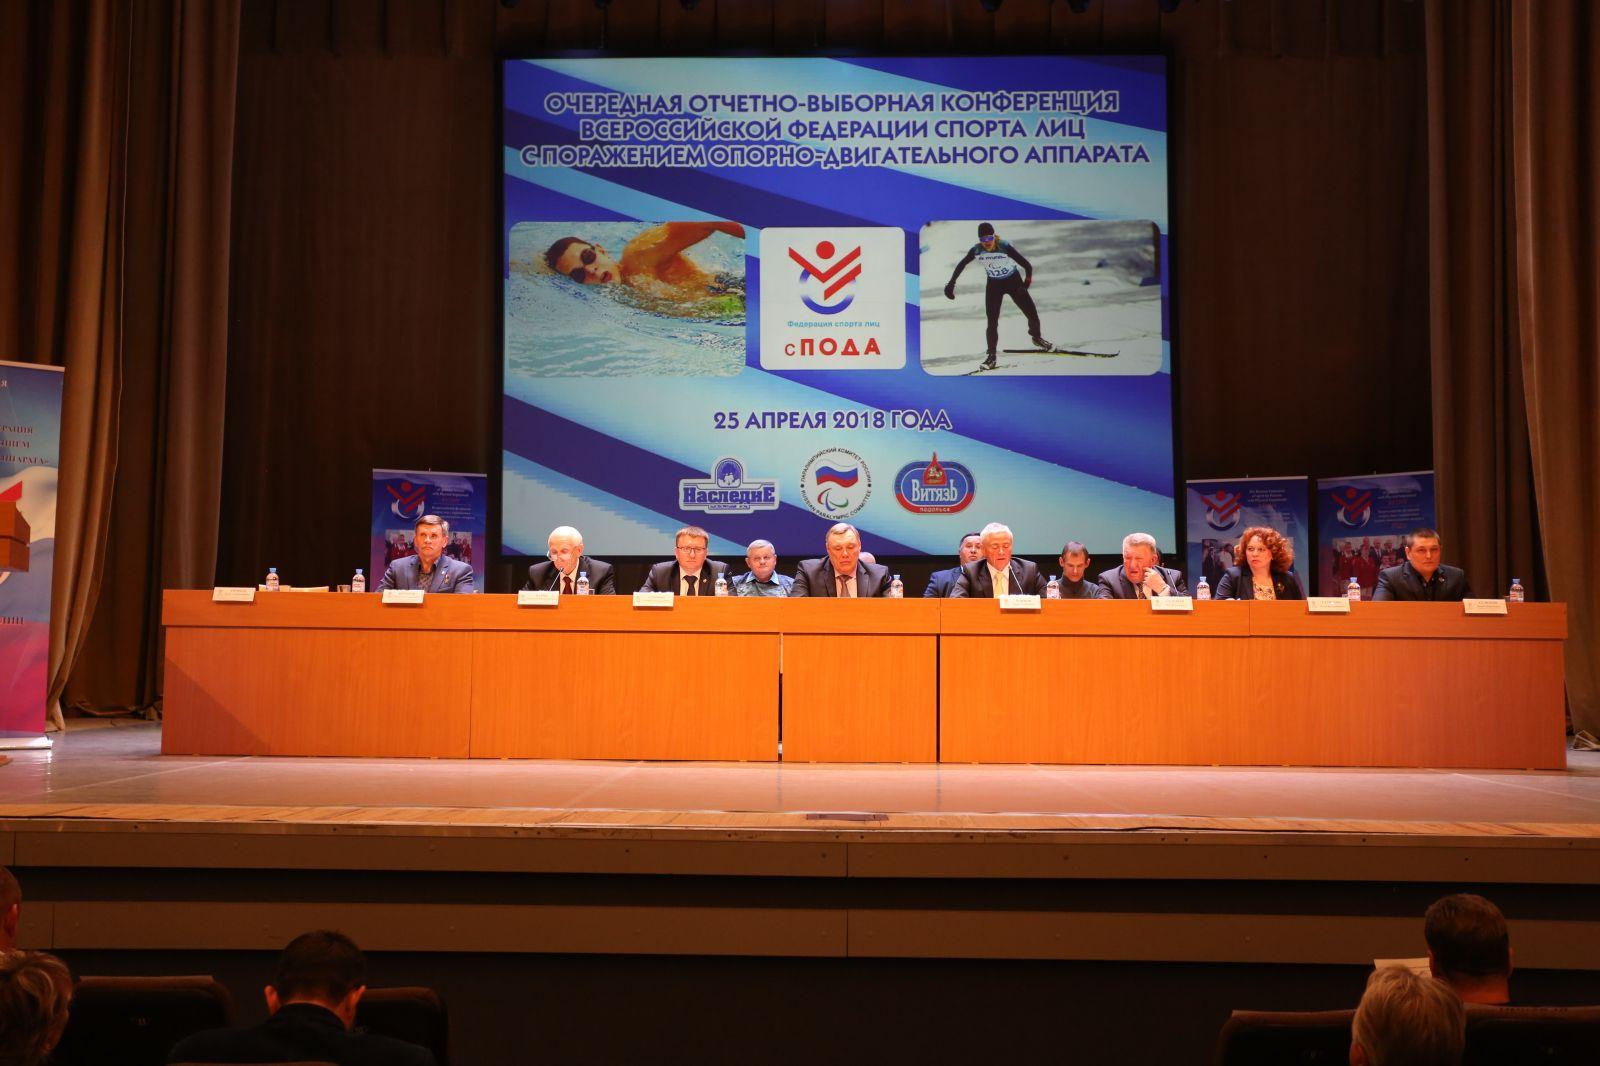 В г. Подольске начала работу очередная отчетно-выборная Конференция Всероссийской Федерации спорта лиц с ПОДА